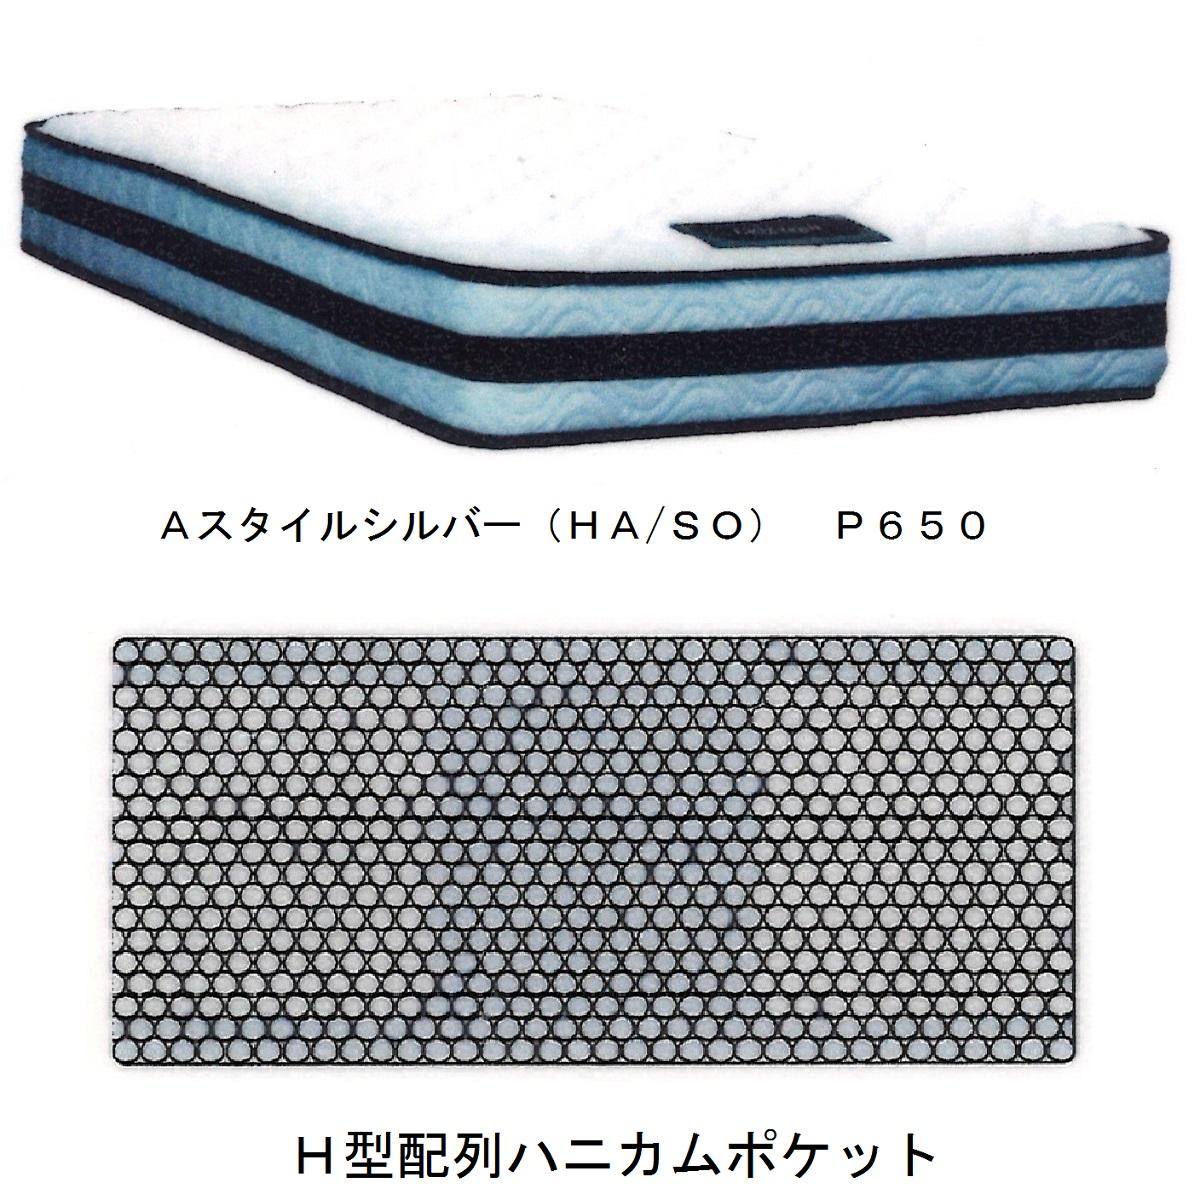 シングルマットレス アンネルベッド Aスタイルシルバー P650ハニカムポケット仕様、交互配列2タイプの硬さ選択送料無料(沖縄・北海道・離島を除く)玄関前配送